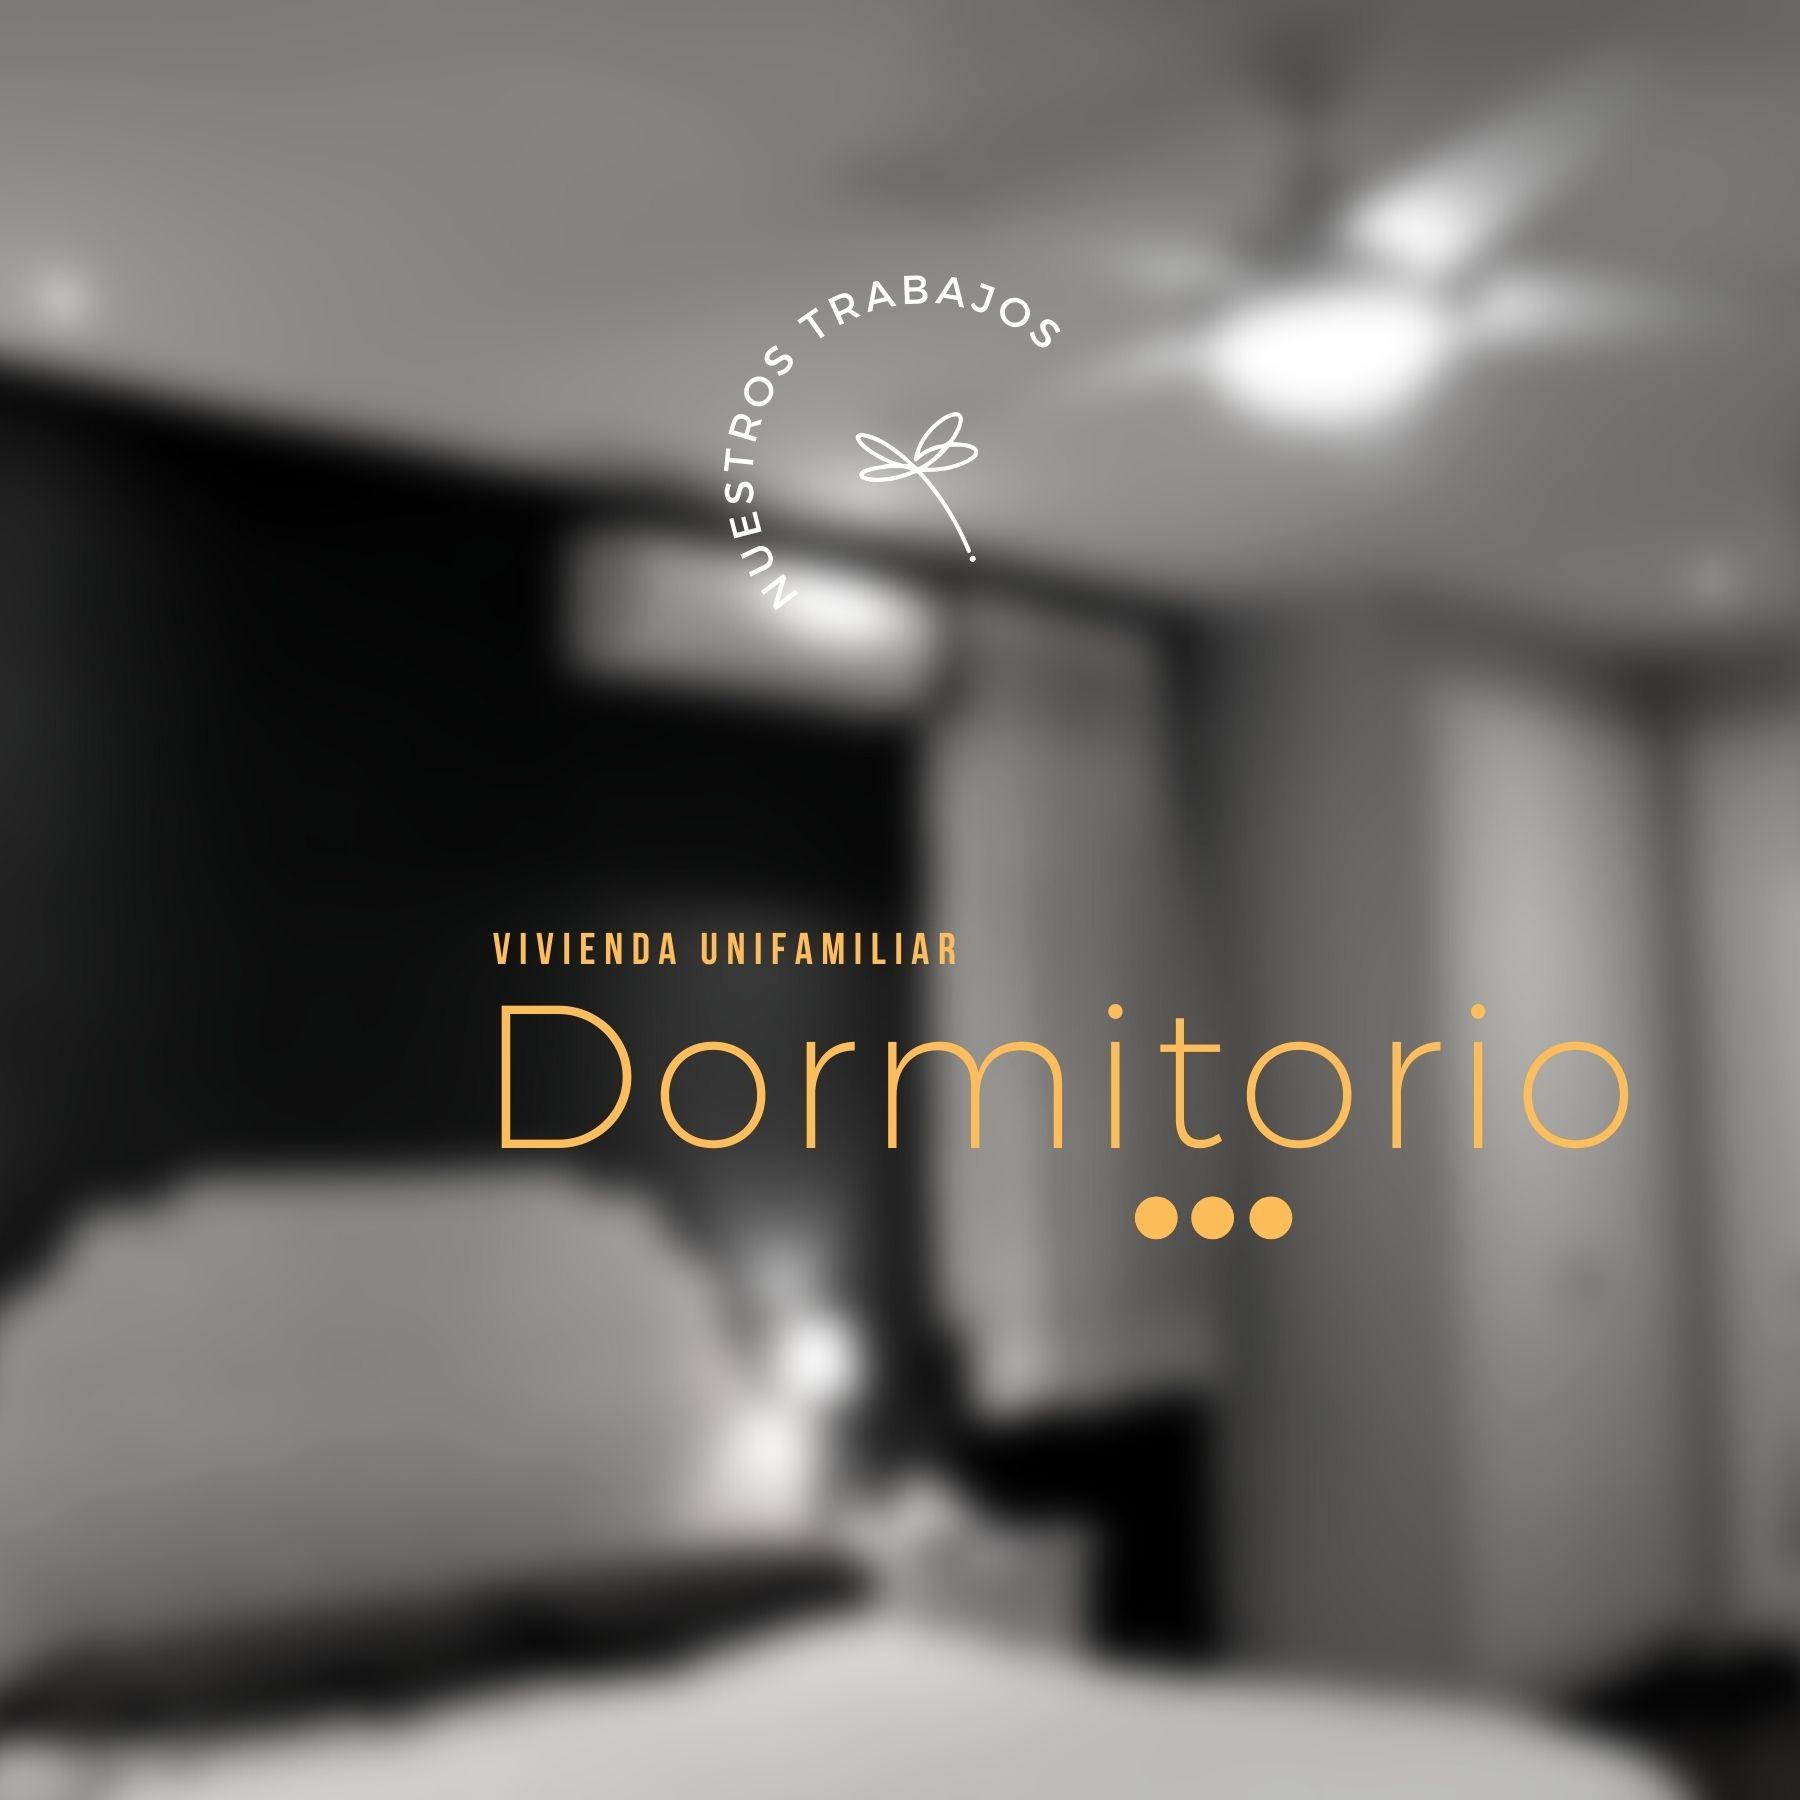 Vivienda Unifamiliar Dormitorio